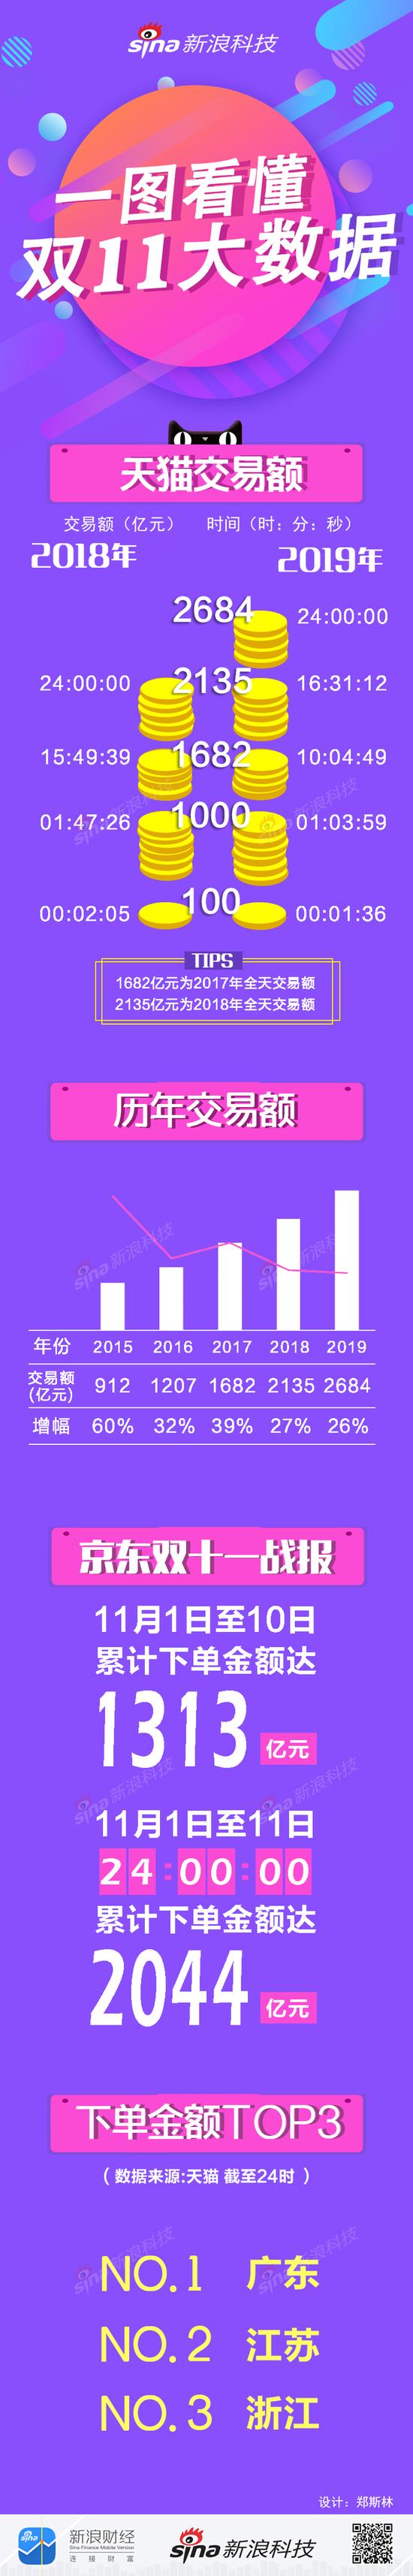 一图看懂2019天猫双十一大数据:广东省剁手最厉害